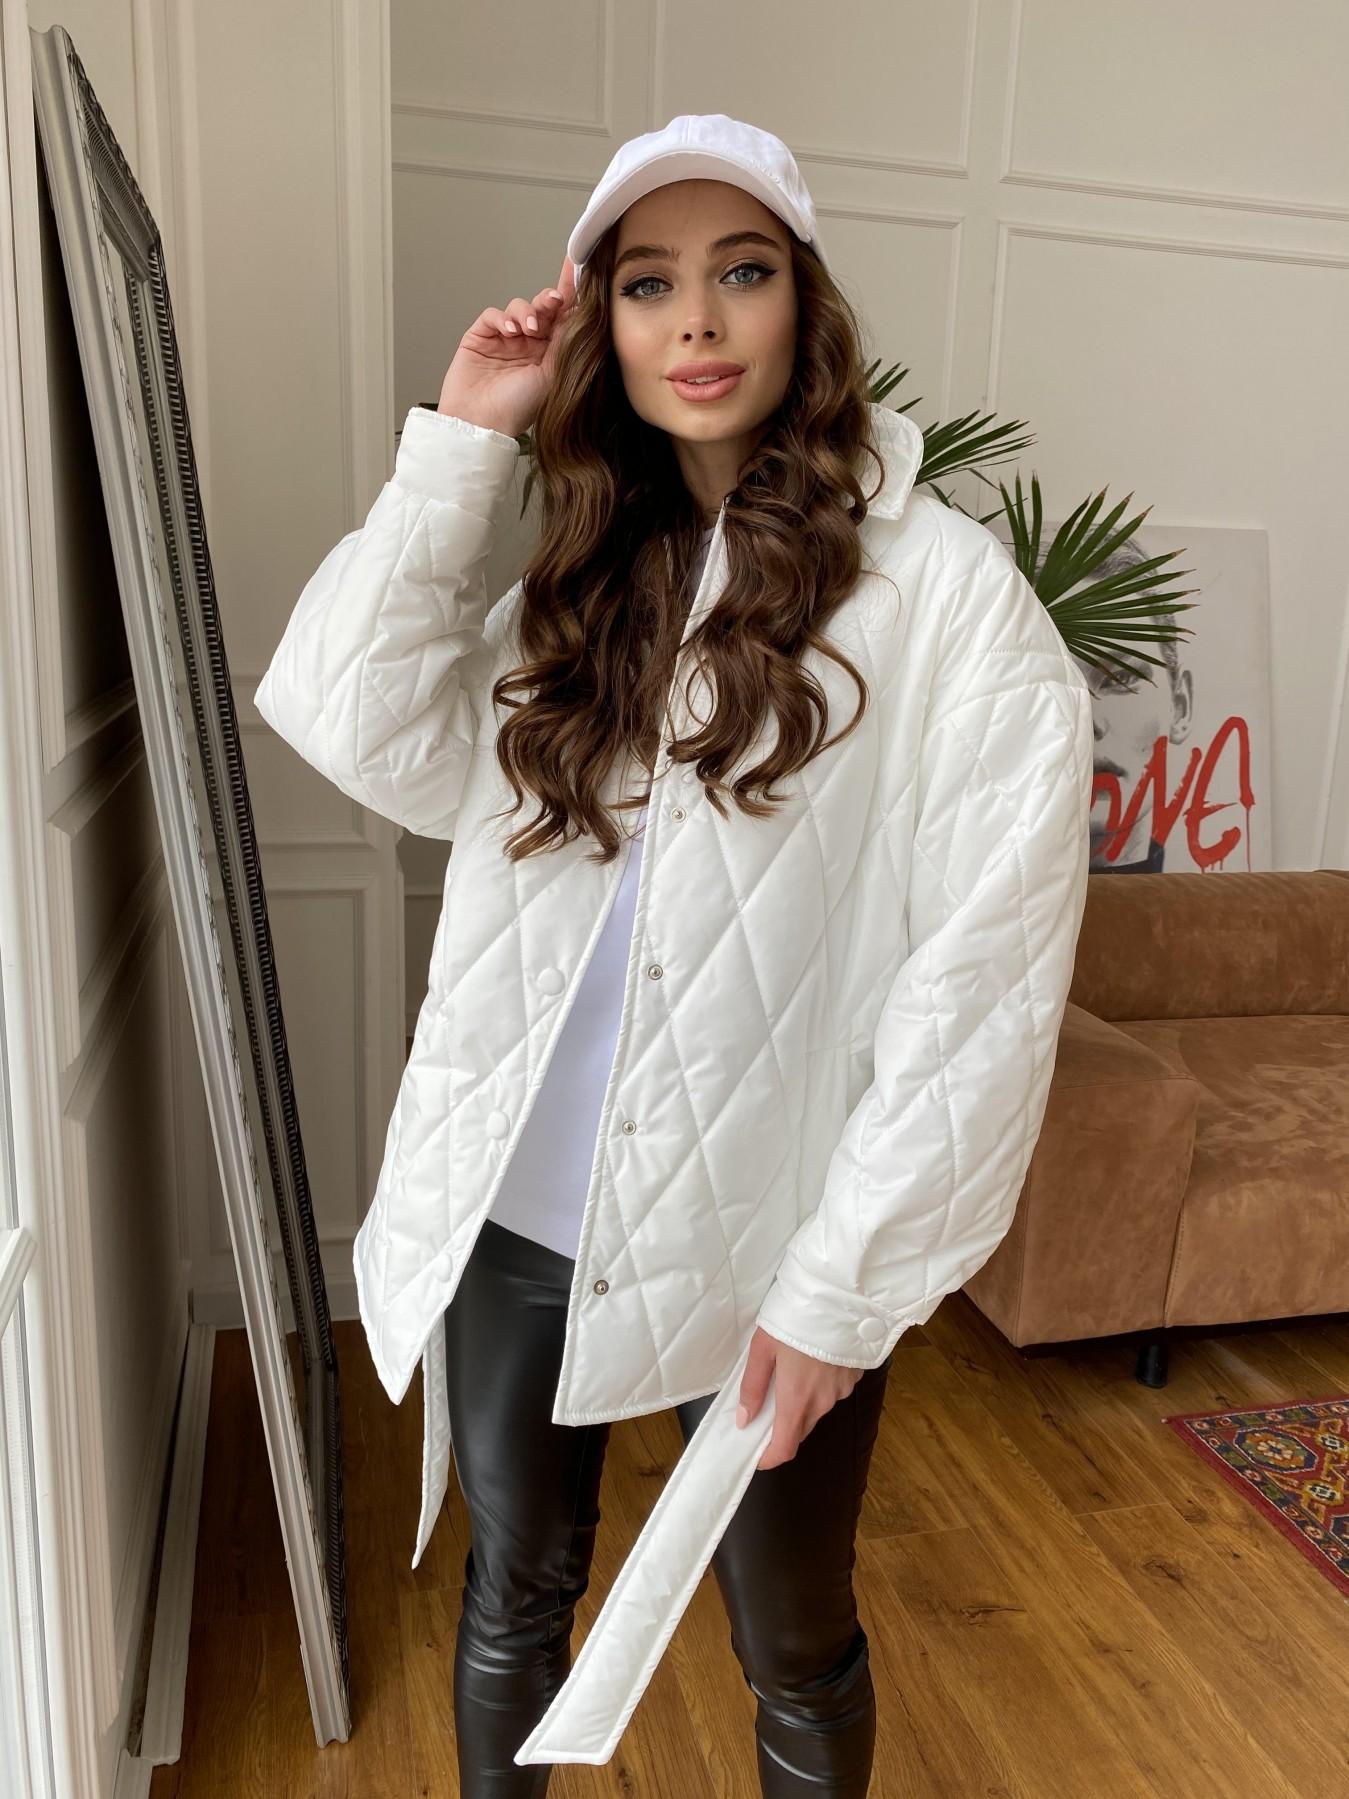 Моно куртка из плащевой ткани Ammy 10972 АРТ. 47667 Цвет: Молоко 12 - фото 6, интернет магазин tm-modus.ru